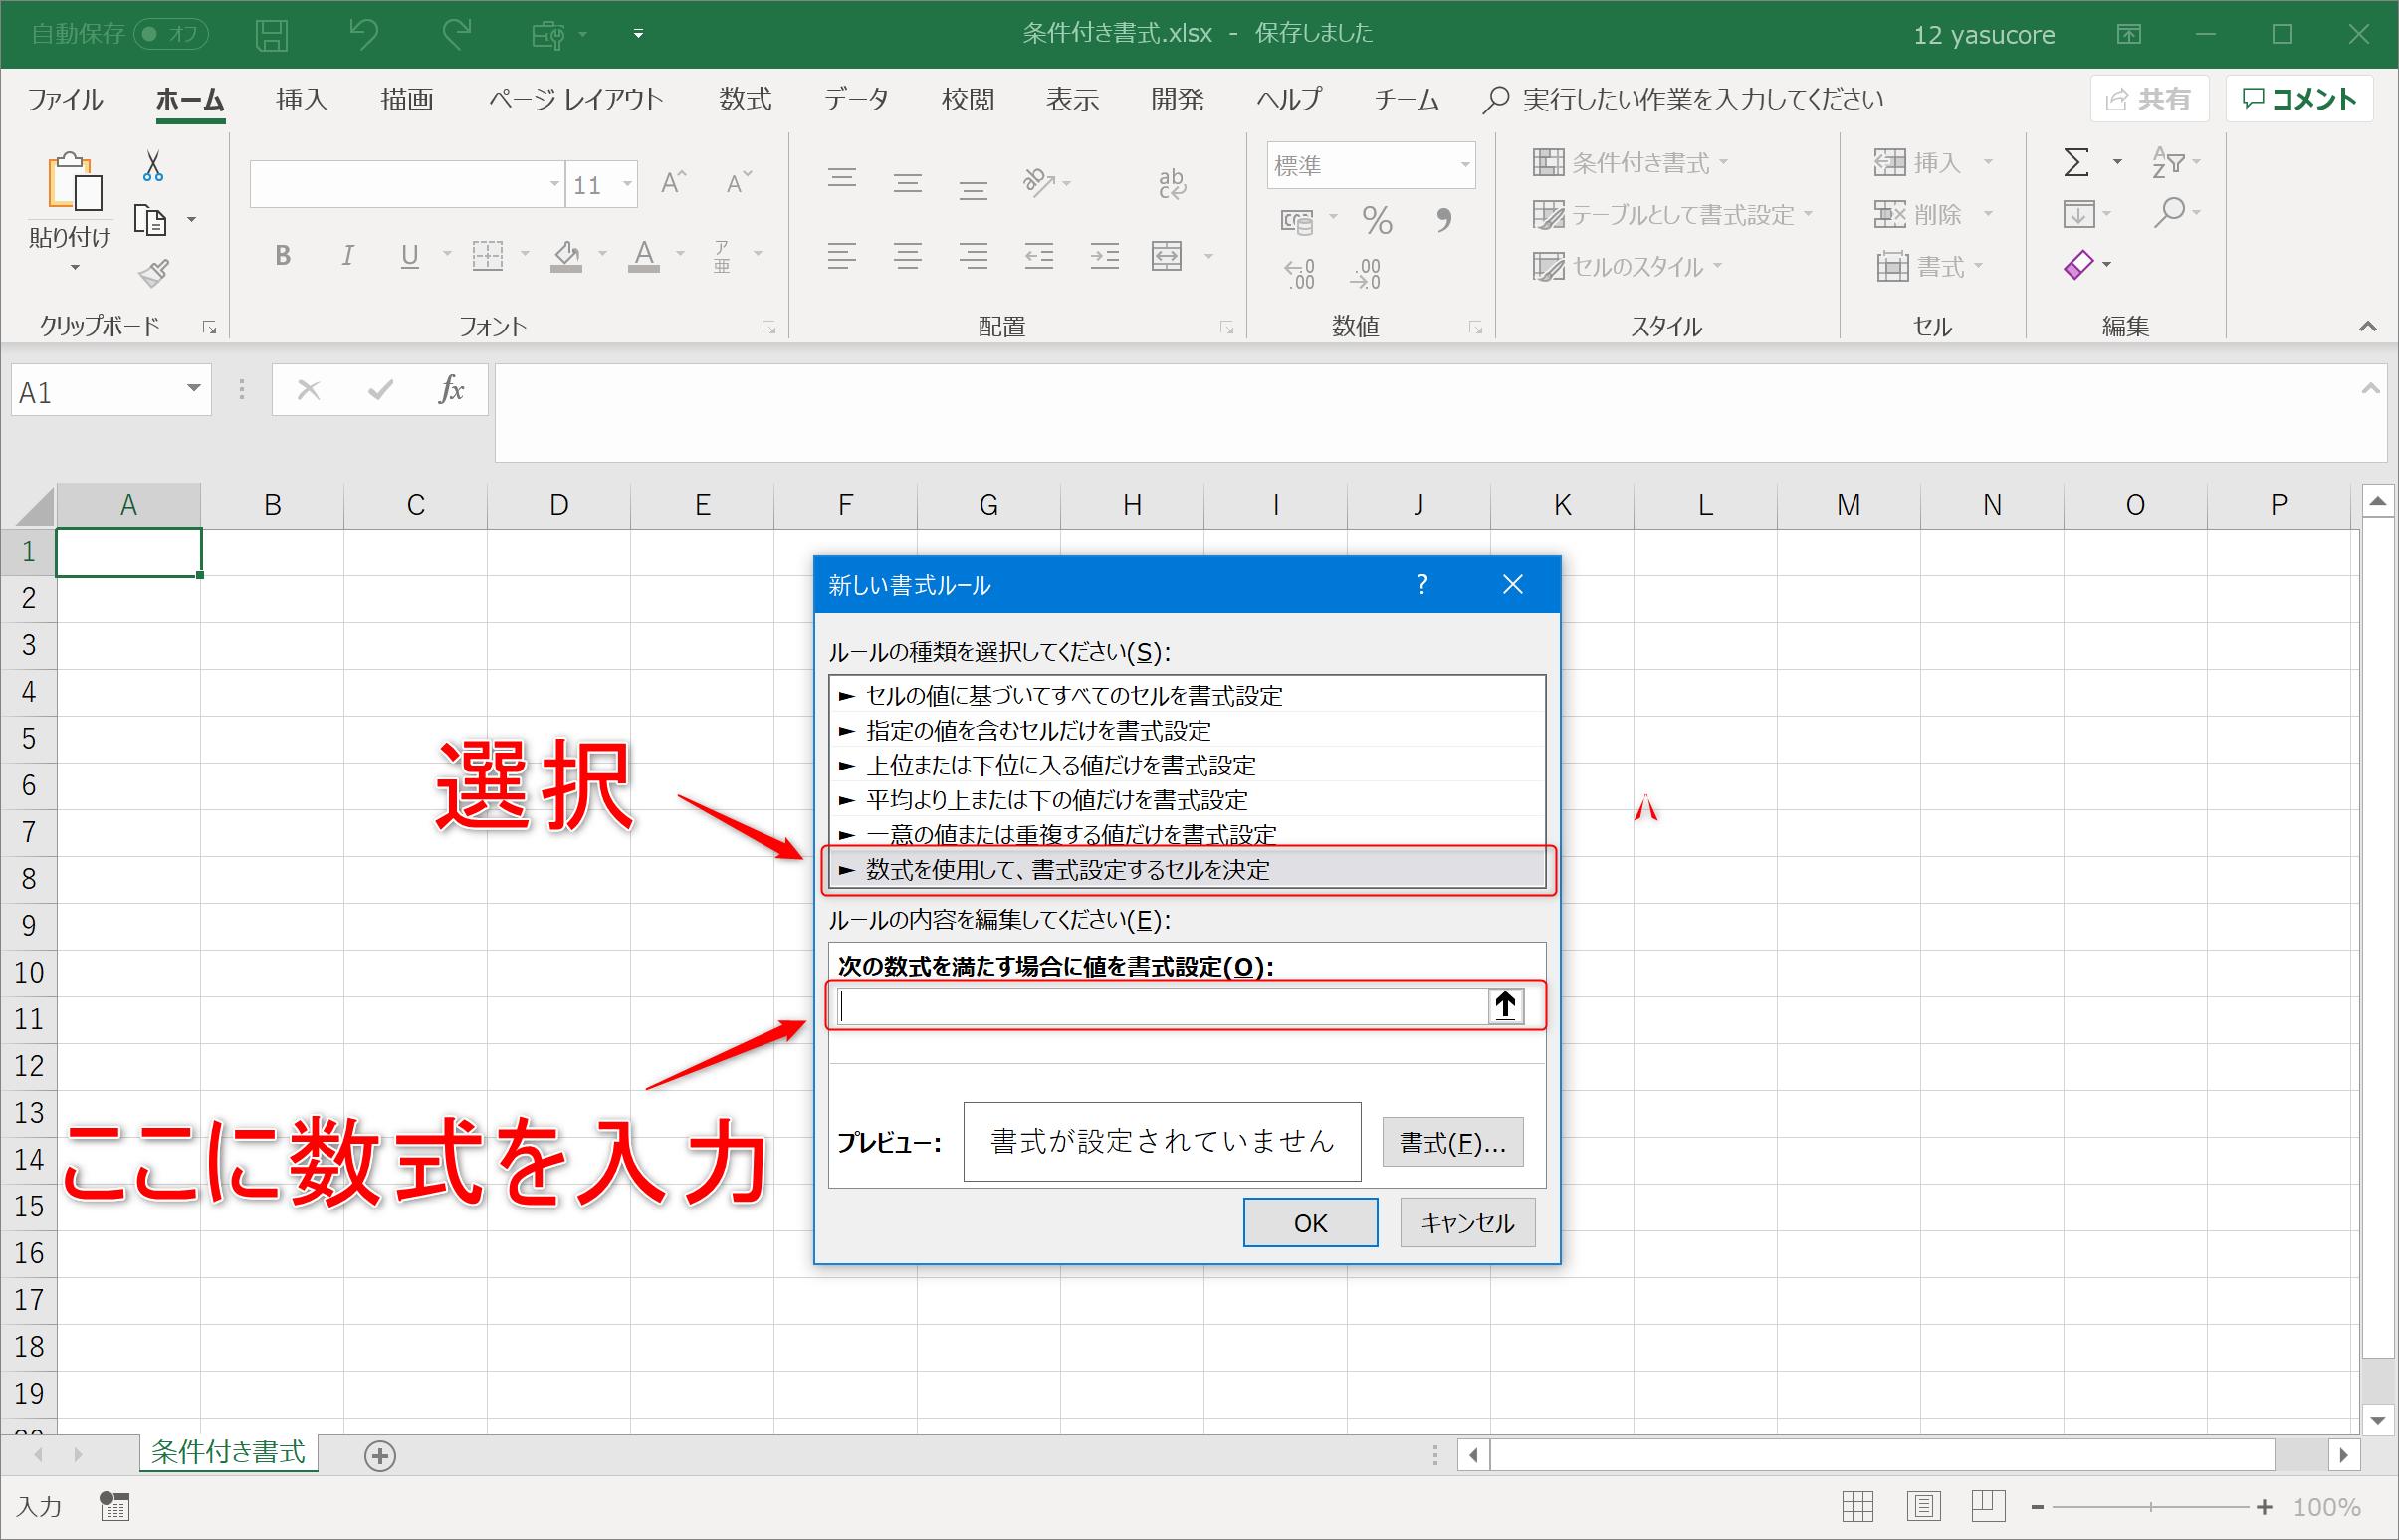 「数式を使用して、書式設定するセルを決定」を選択し数式入力